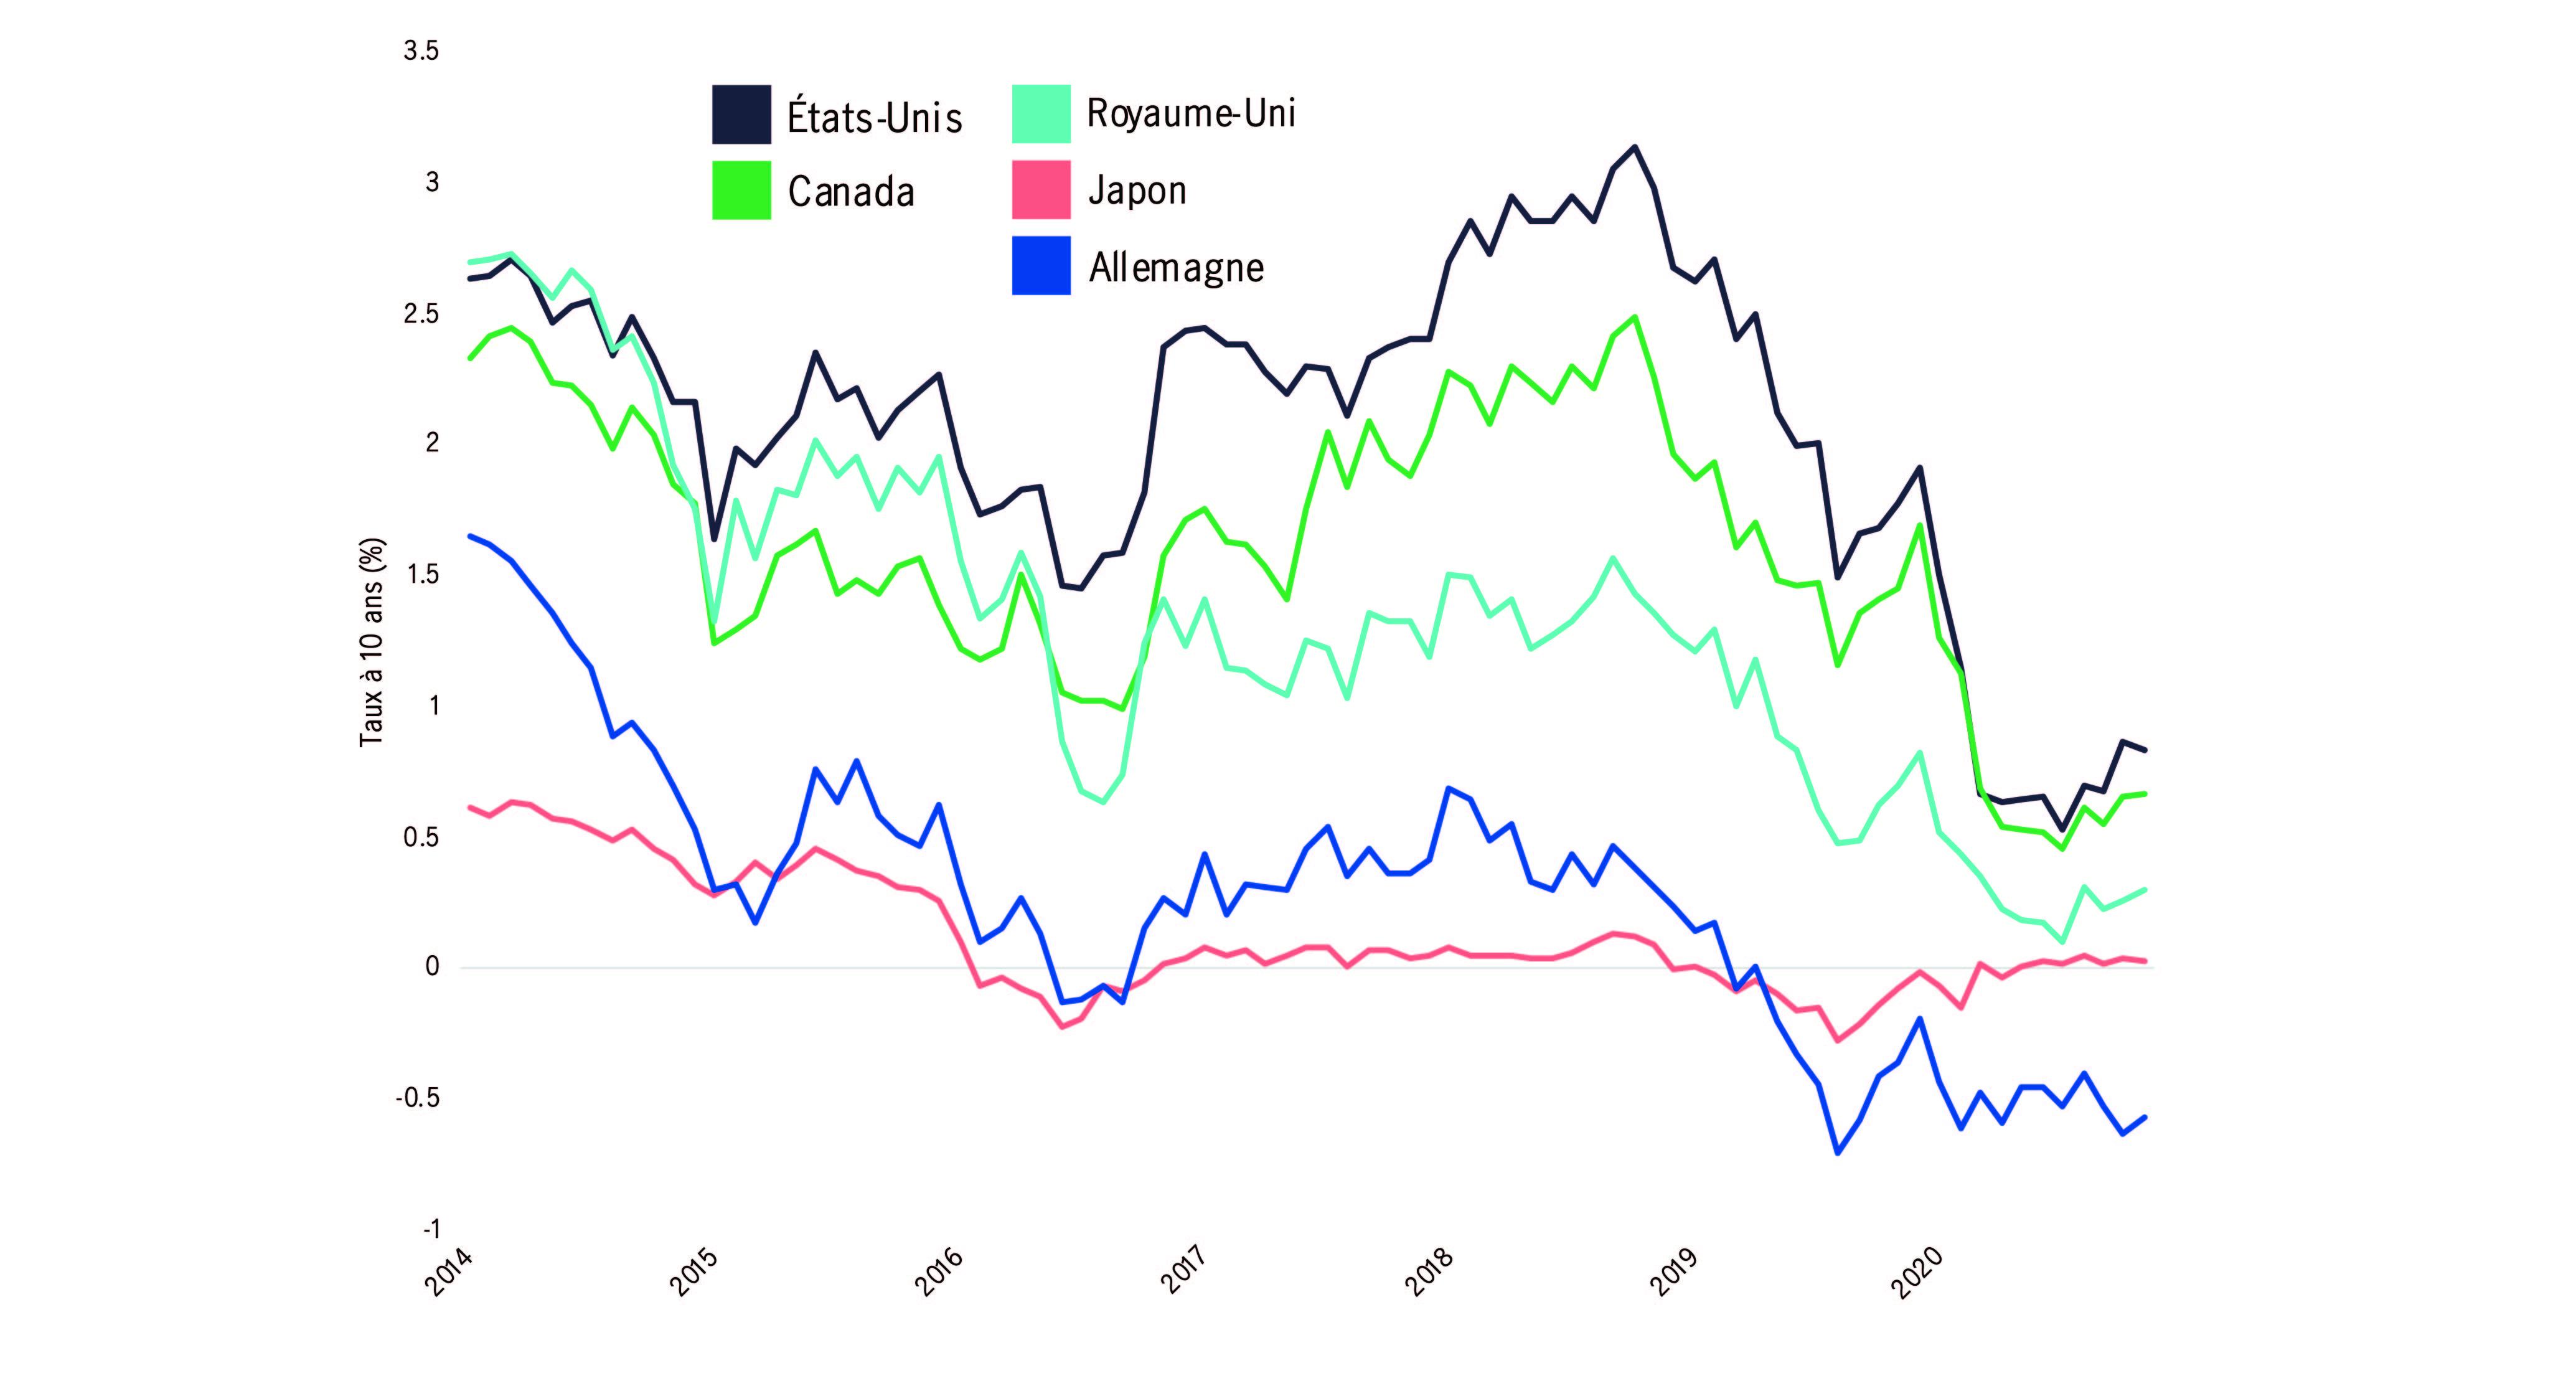 Ce graphique compare les taux des obligations d'État à 10 ans de plusieurs pays, de 2014 à aujourd'hui. Les pays indiqués sont le Canada, les États-Unis, le Royaume-Uni, le Japon et l'Allemagne. On remarque que, dans ces cinq pays, les rendements ont chuté pour s'établir à moins de 1 %.